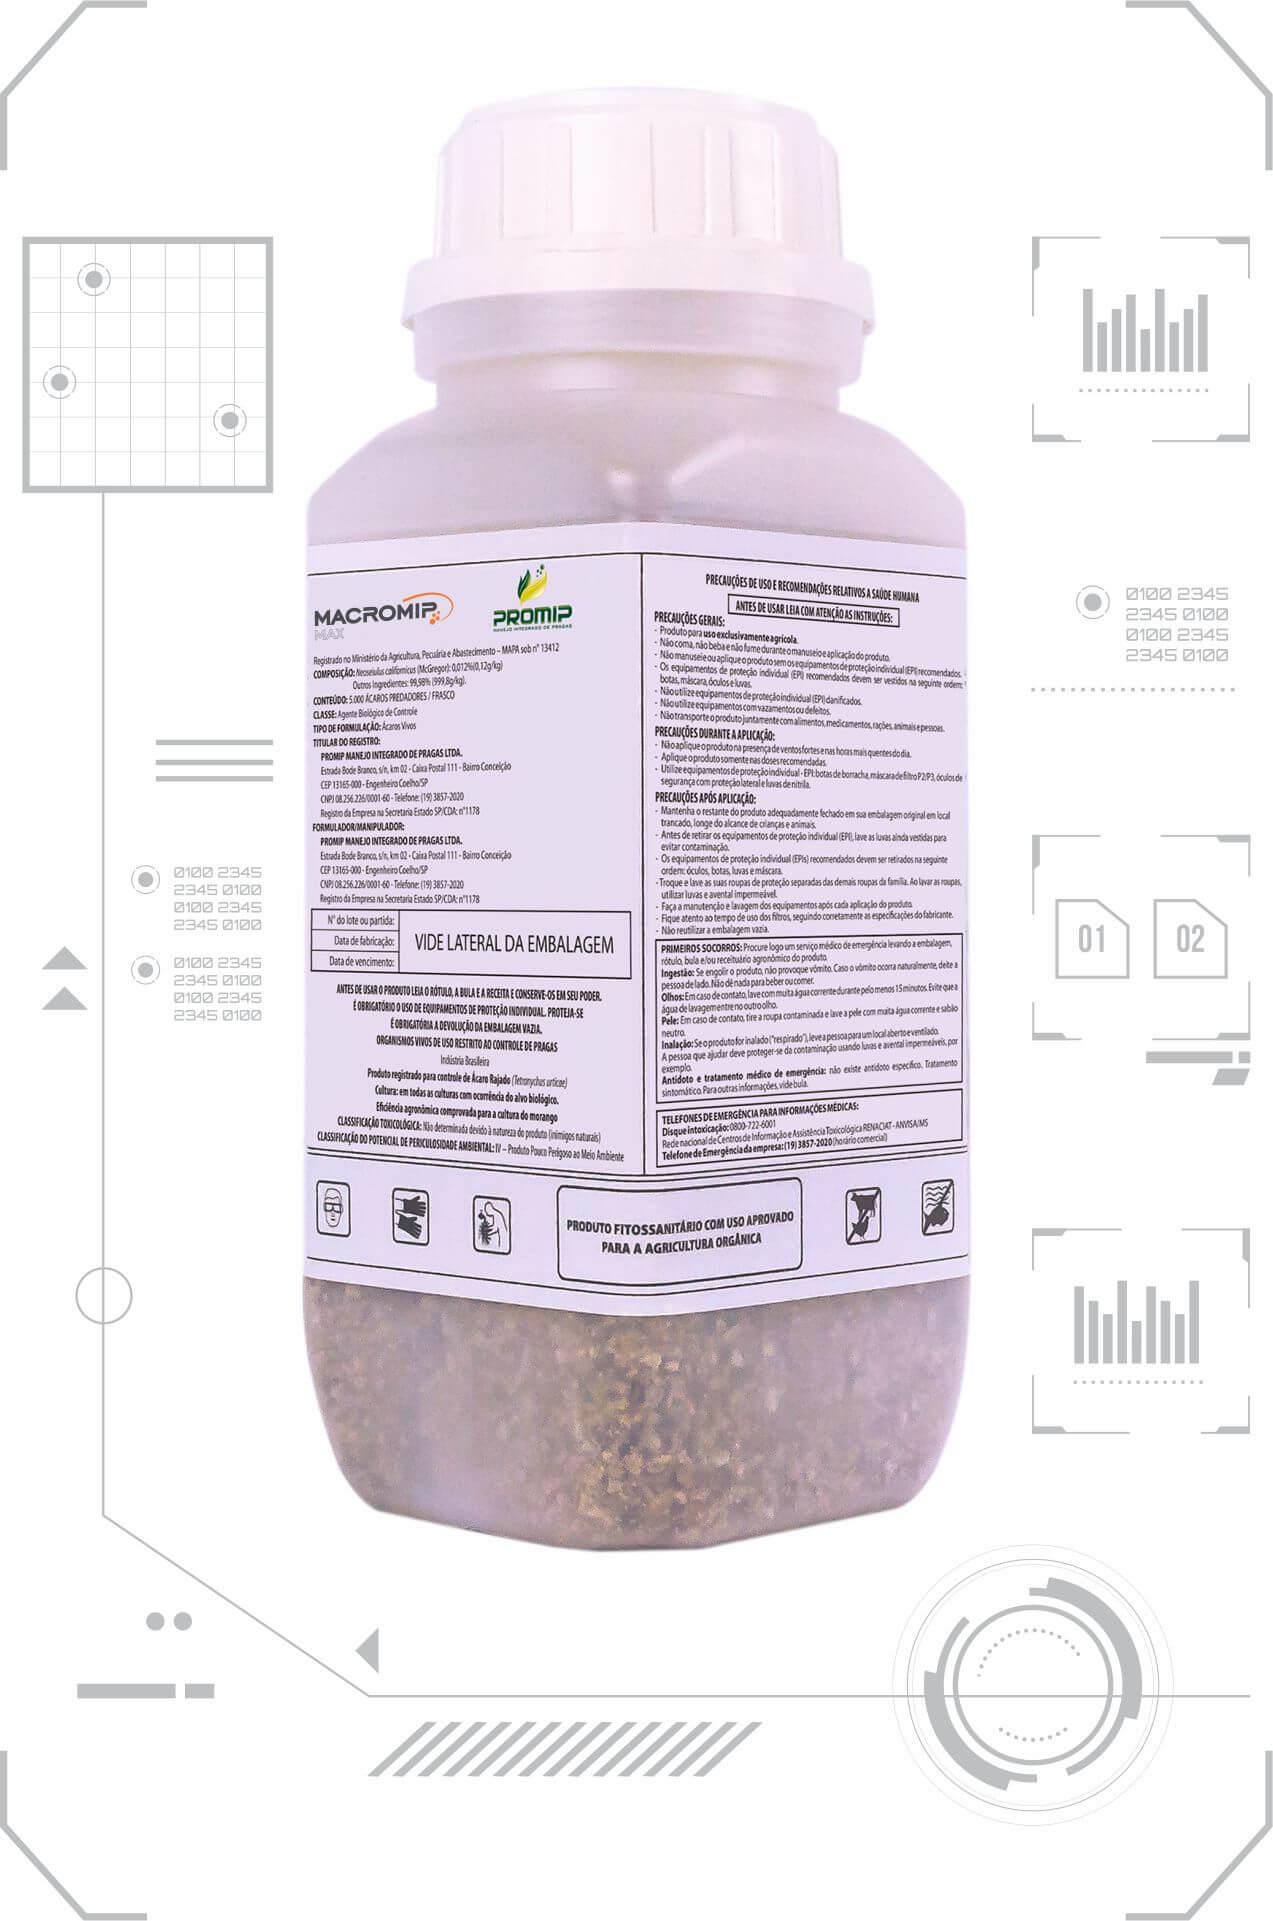 promip controle biologico manejo integrado de pragas background flores aplicacao neomip max